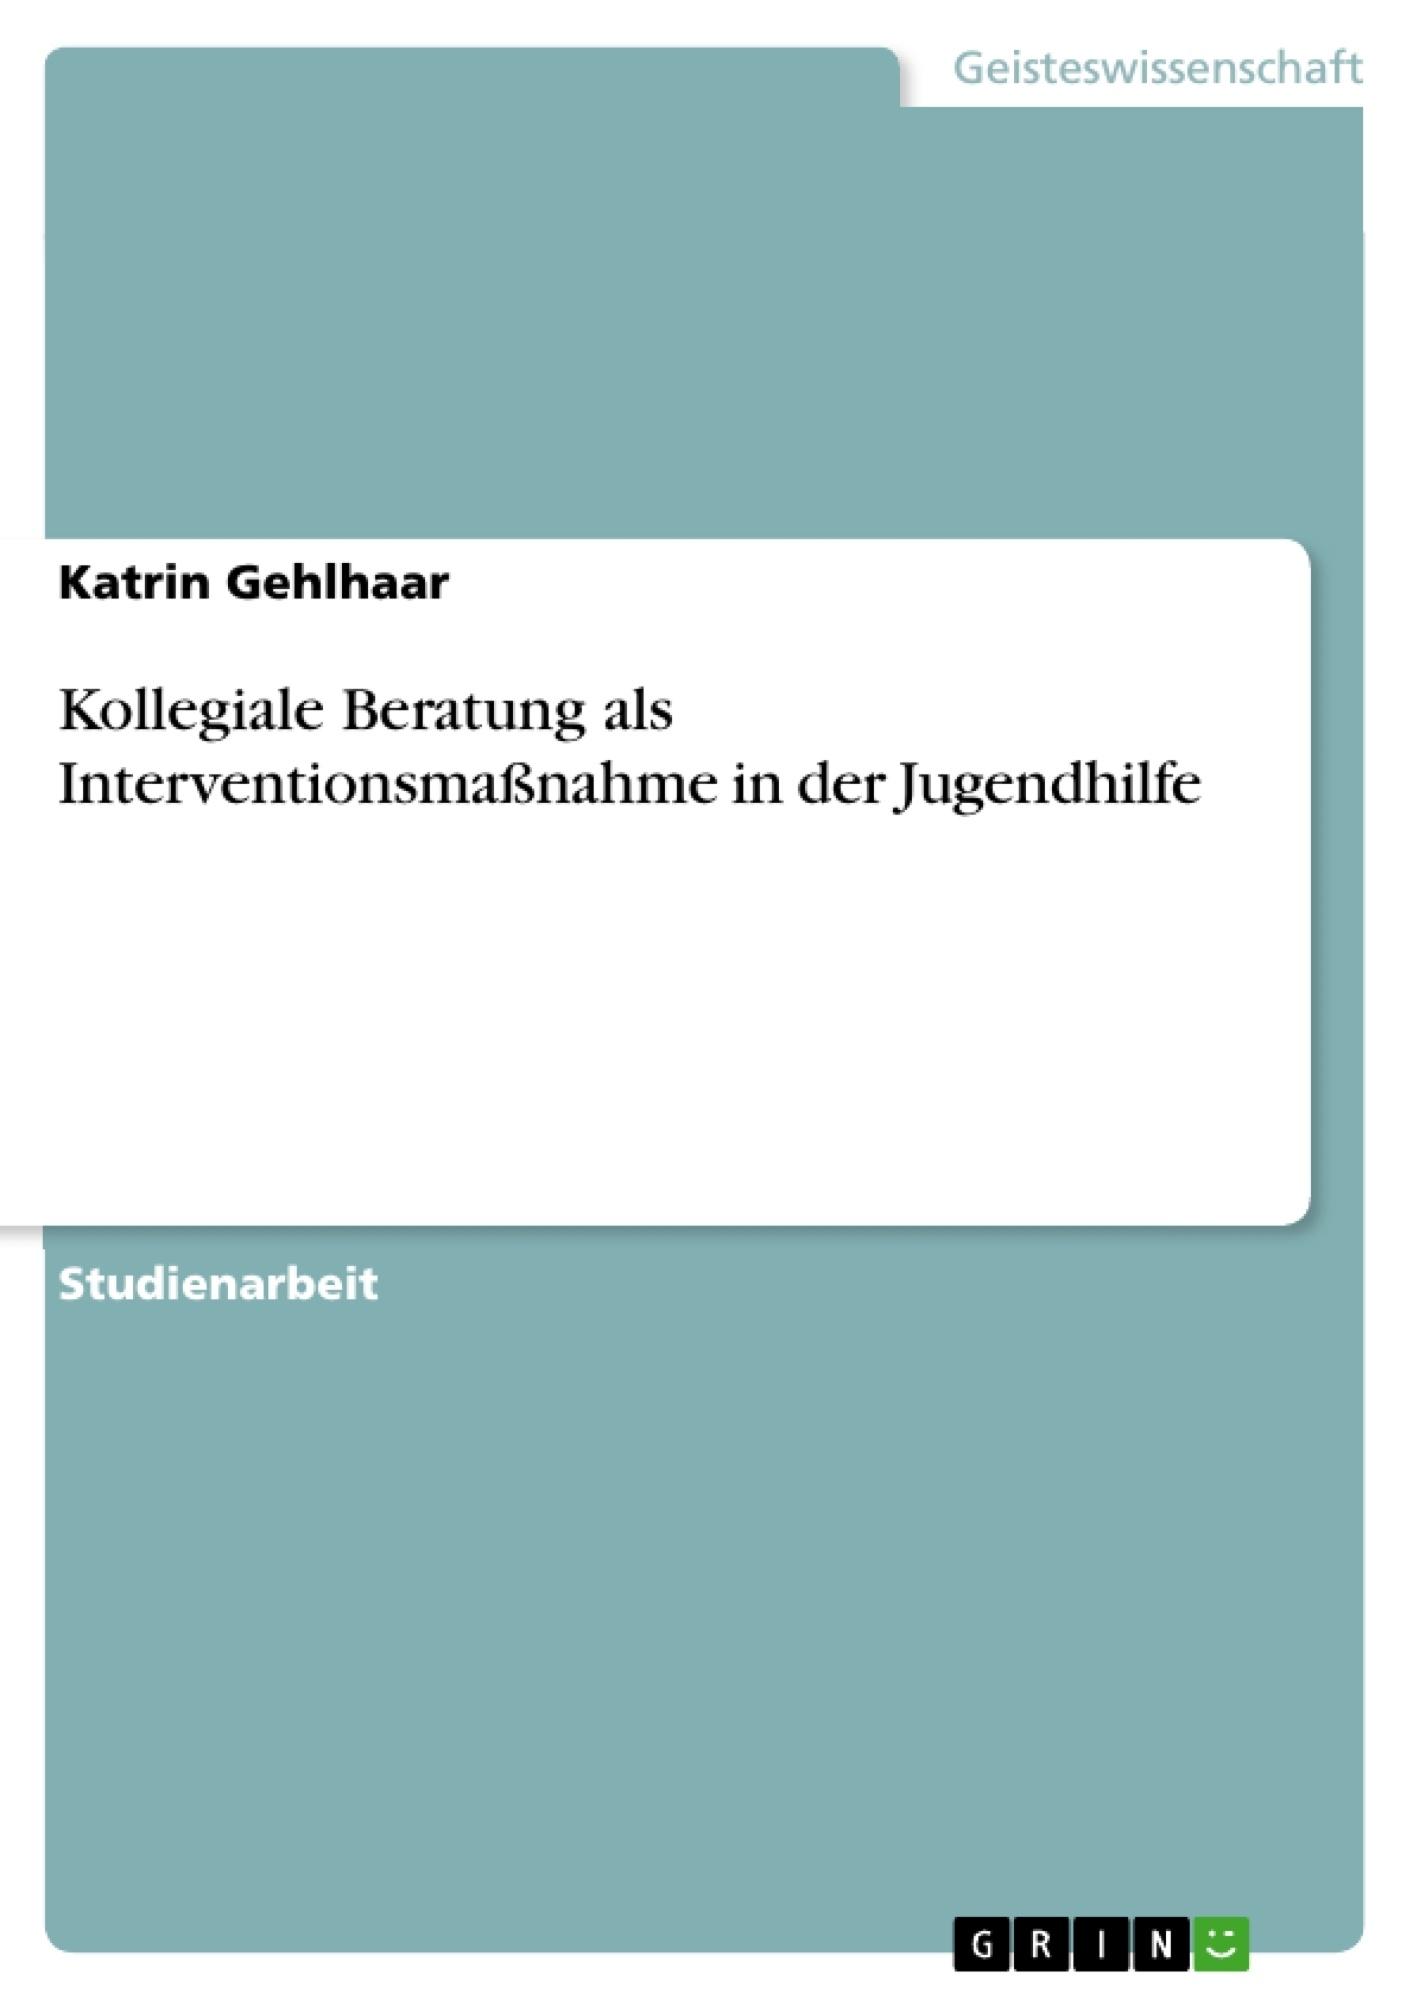 Titel: Kollegiale Beratung als Interventionsmaßnahme in der Jugendhilfe